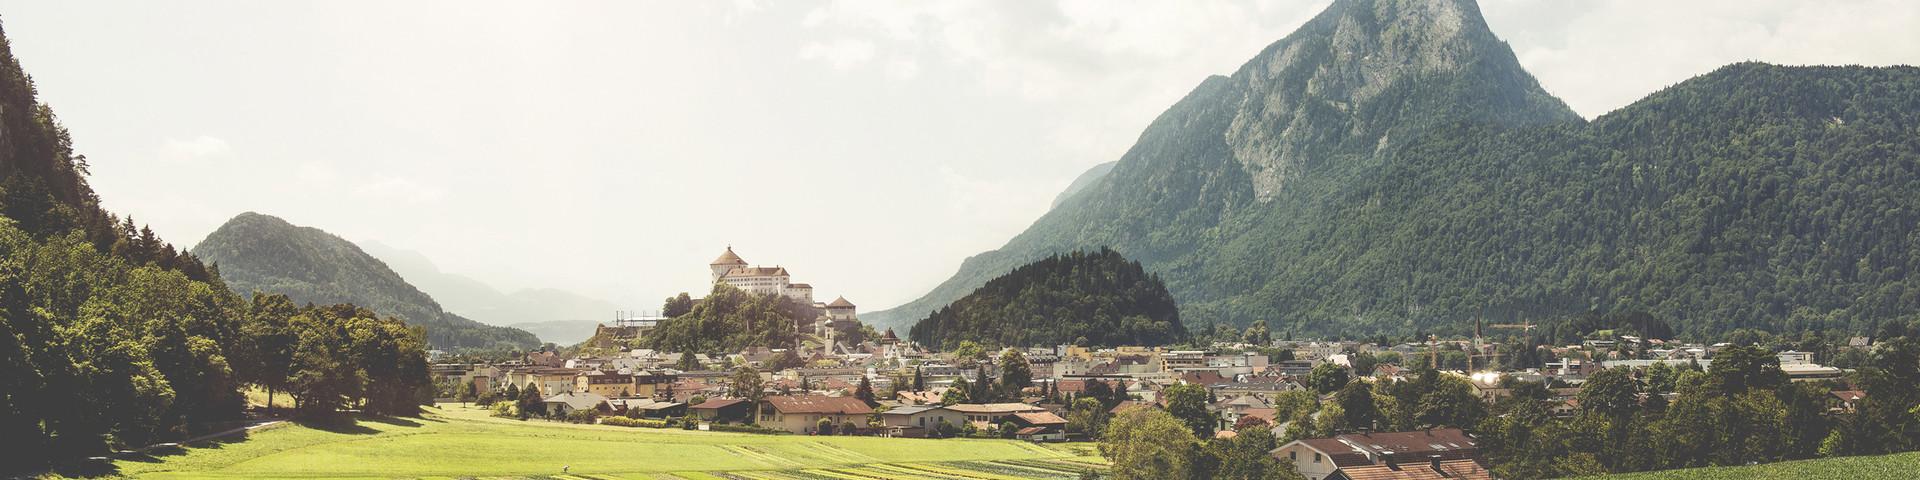 Festung Kufstein - Panorama © Festung Kufstein